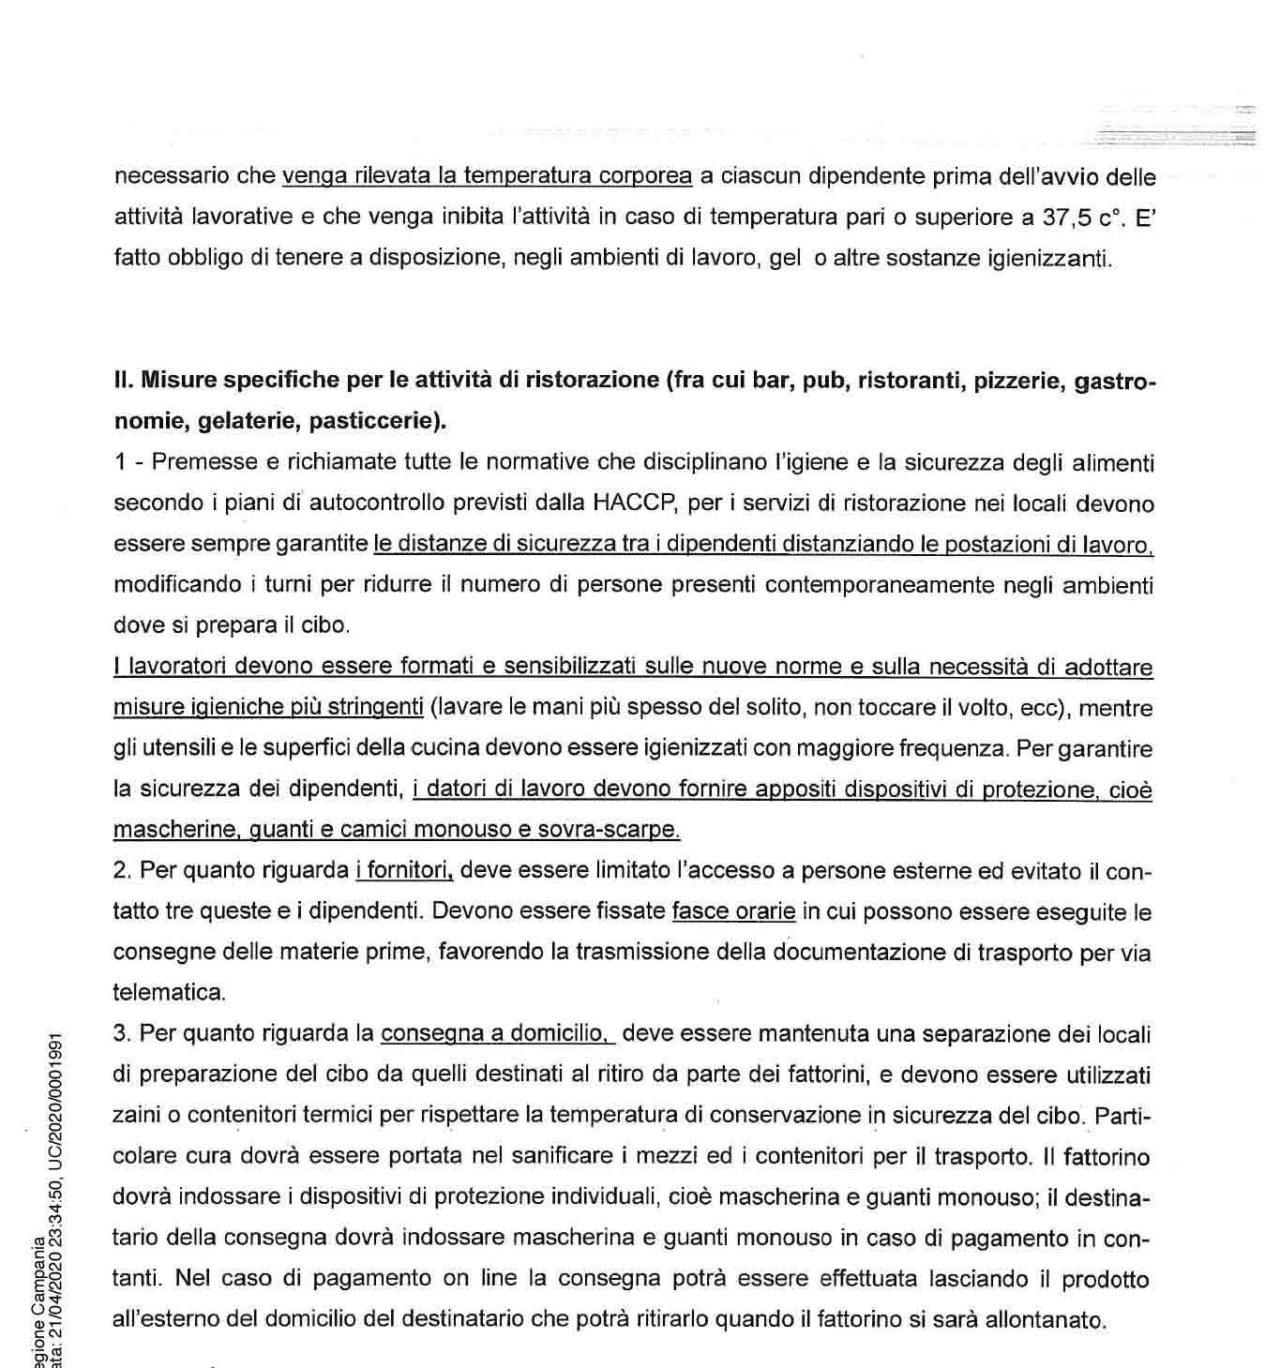 ordinanza Campania 37 22 aprile 2020 misure sicurezza bar ristoranti pizzerie pub gastronomie gelaterie pasticcerie